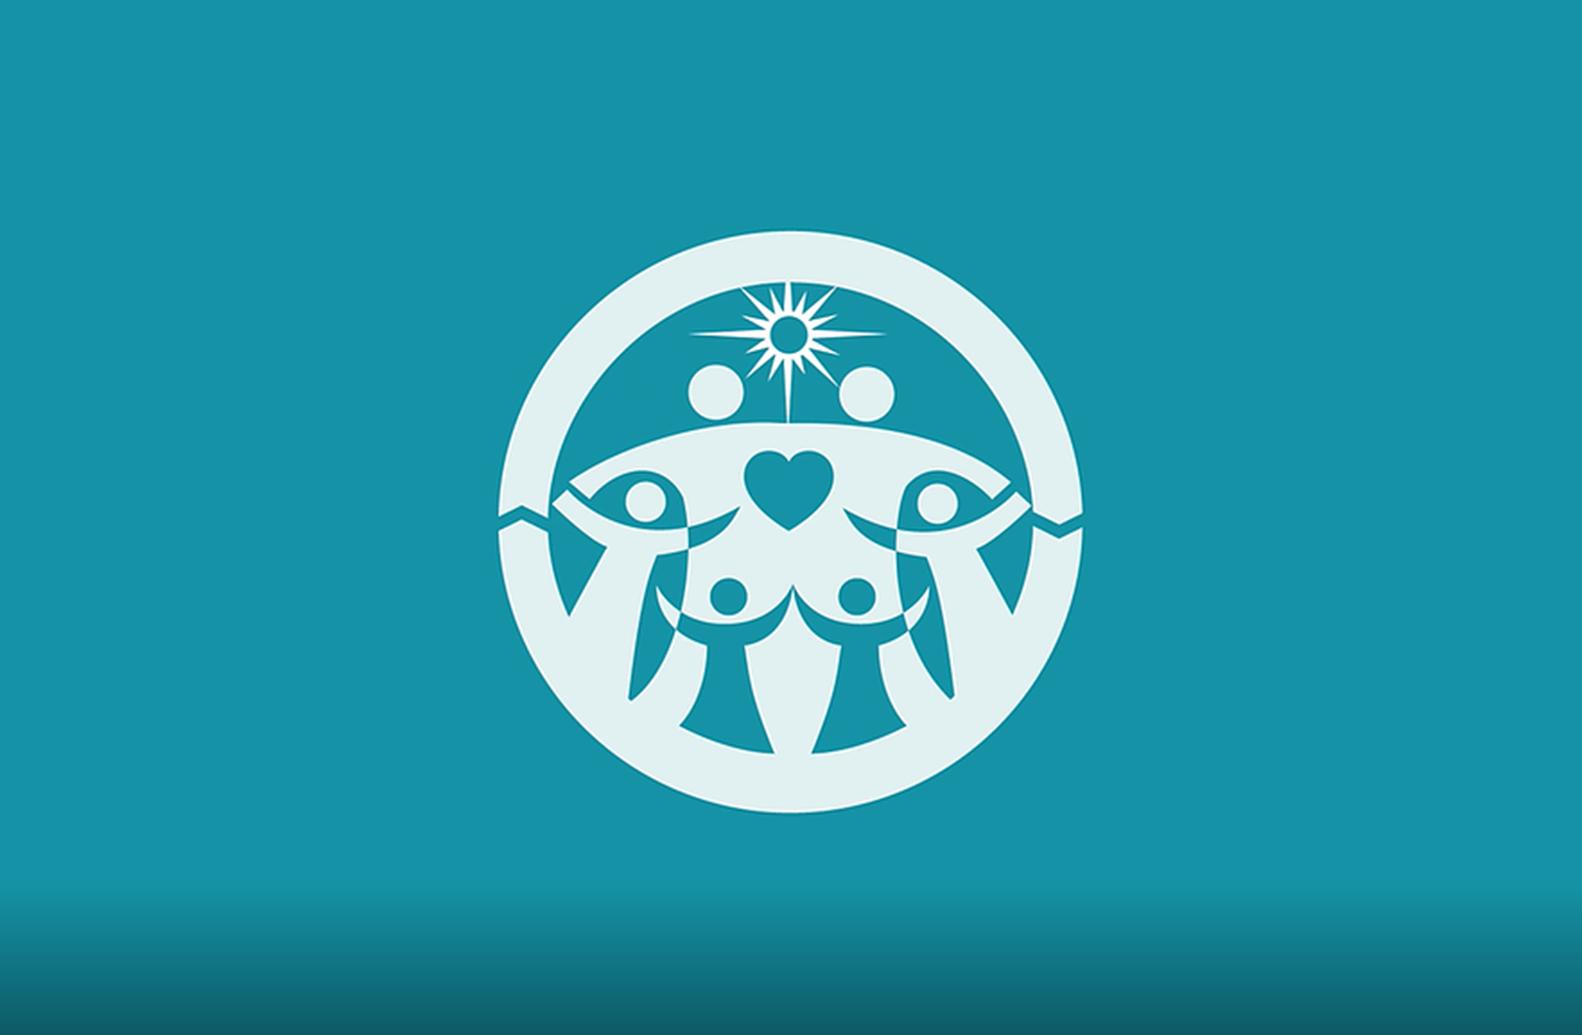 ffwpu-logo